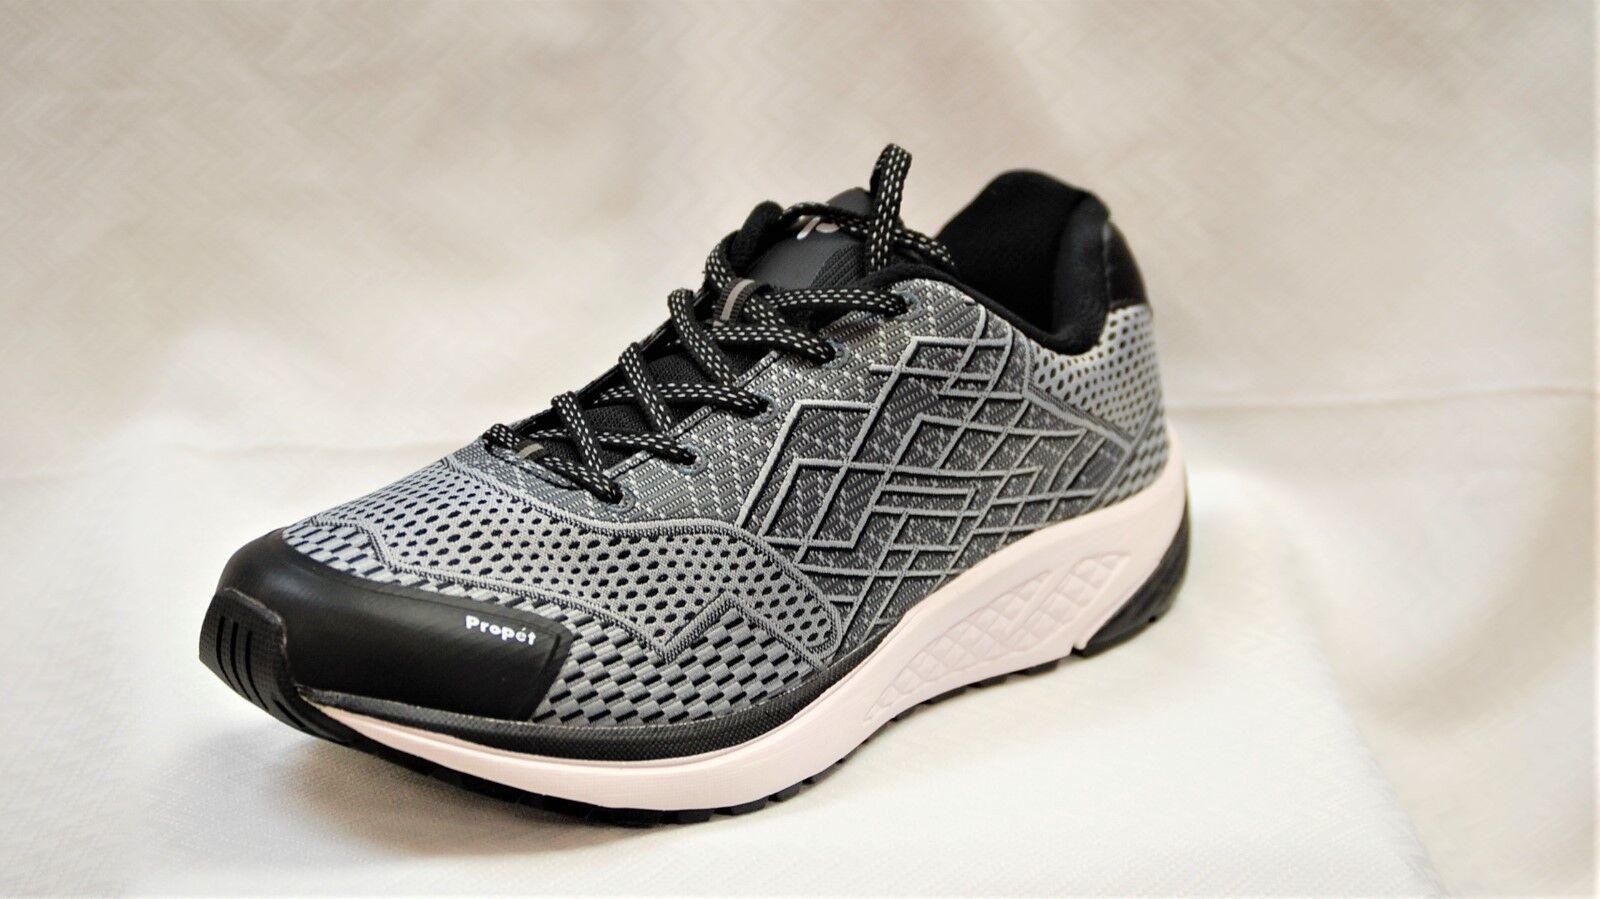 Propet One MAA102 Negro Plateado Para Hombre Zapato Para Caminar tamaño 12 X (3E) aprobado diabética